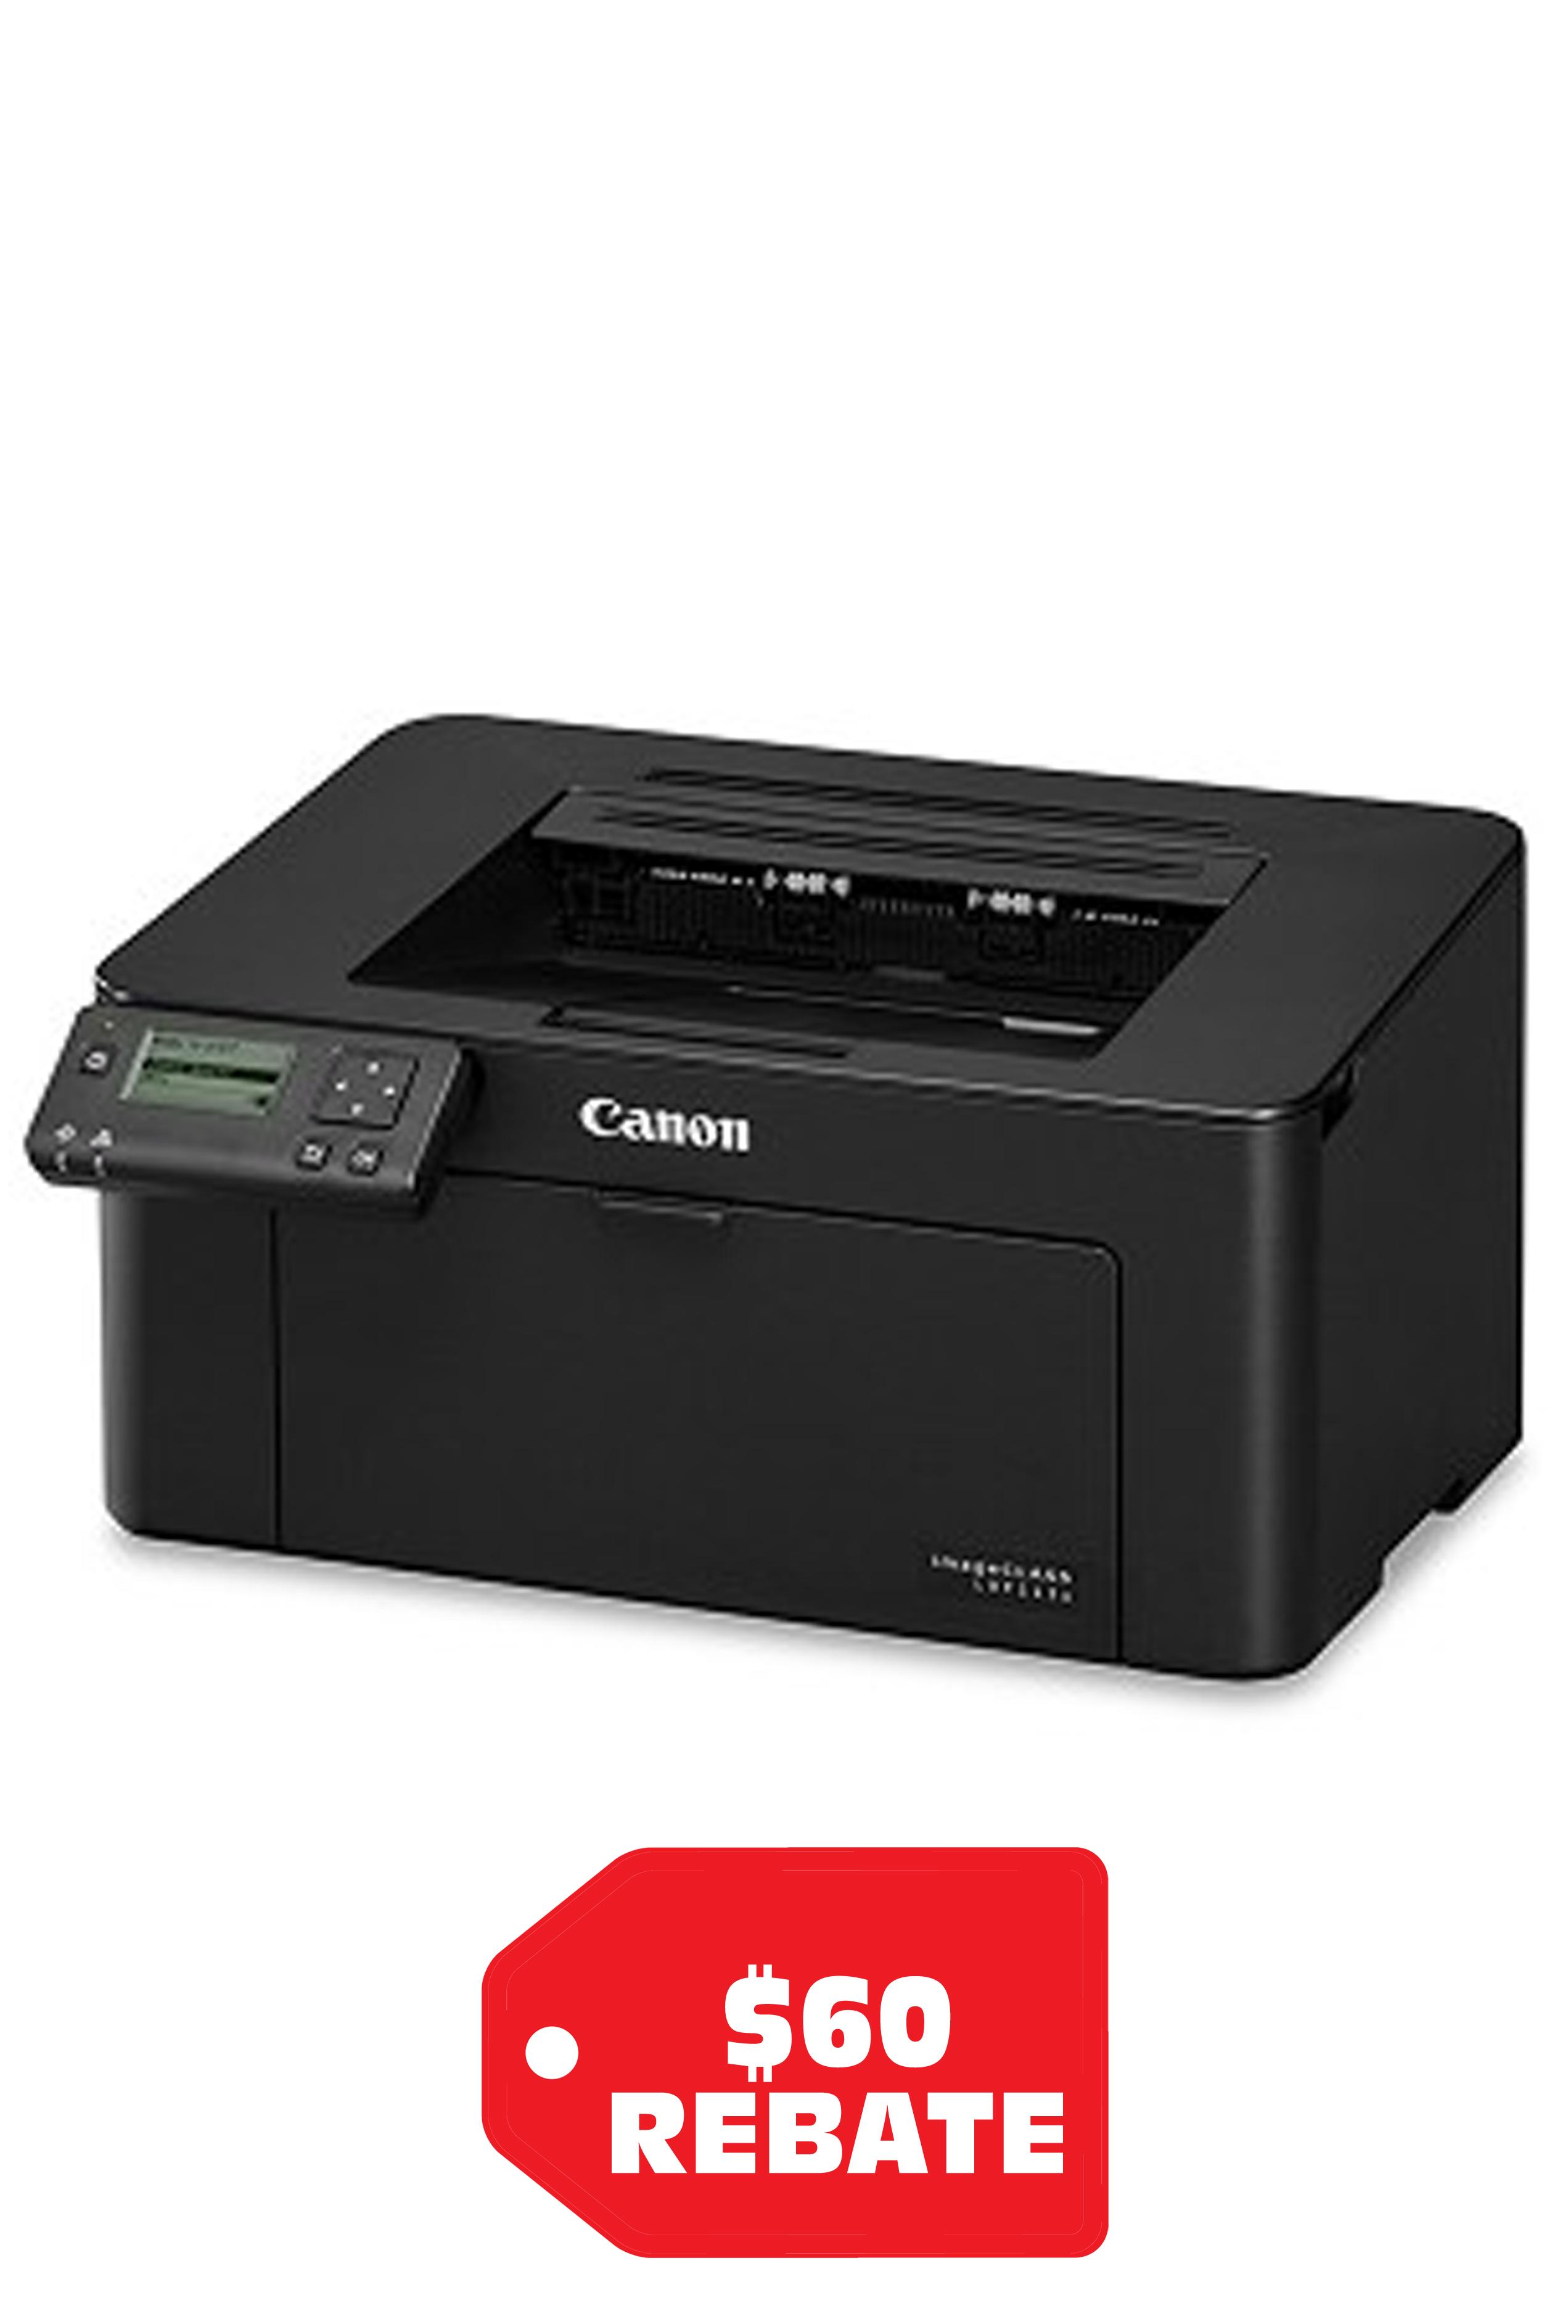 Canon CANON imageCLASS LBP113W (23PPM) WIRELESS LASER PRINTER